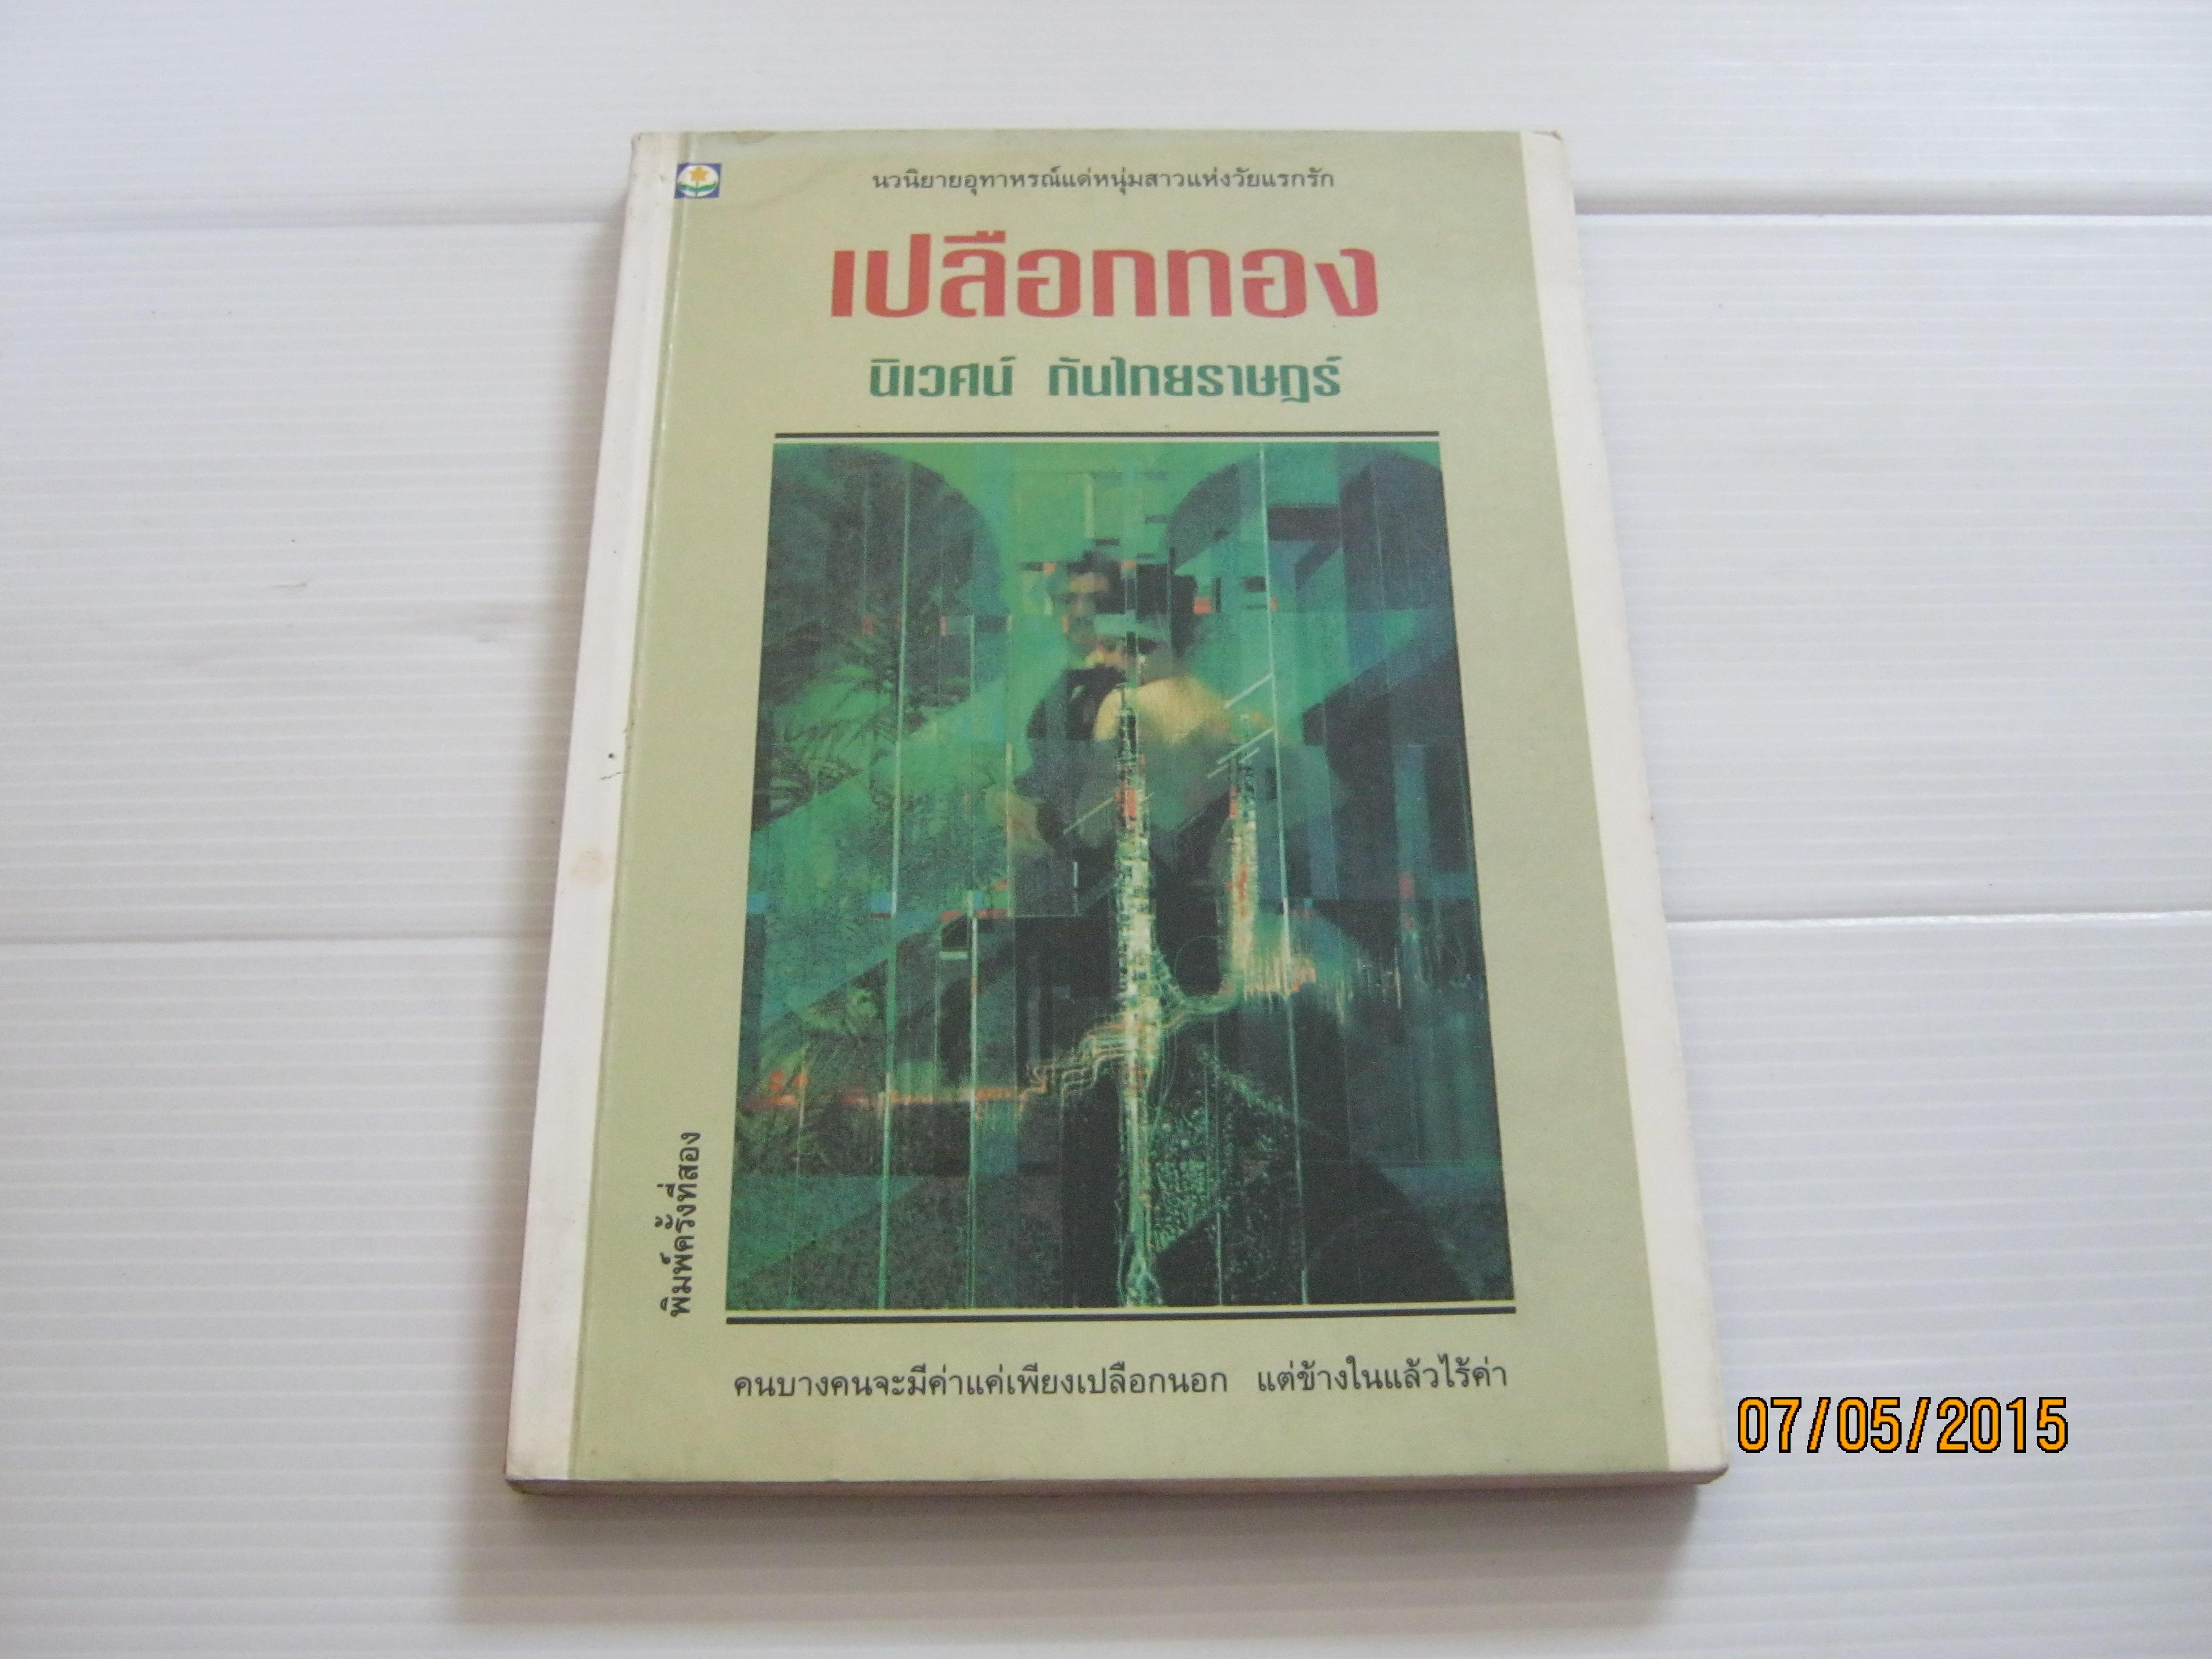 เปลือกทอง พิมพ์ครั้งที่ 2 นิเวศน์ กันไทยราษฎร์ เขียน